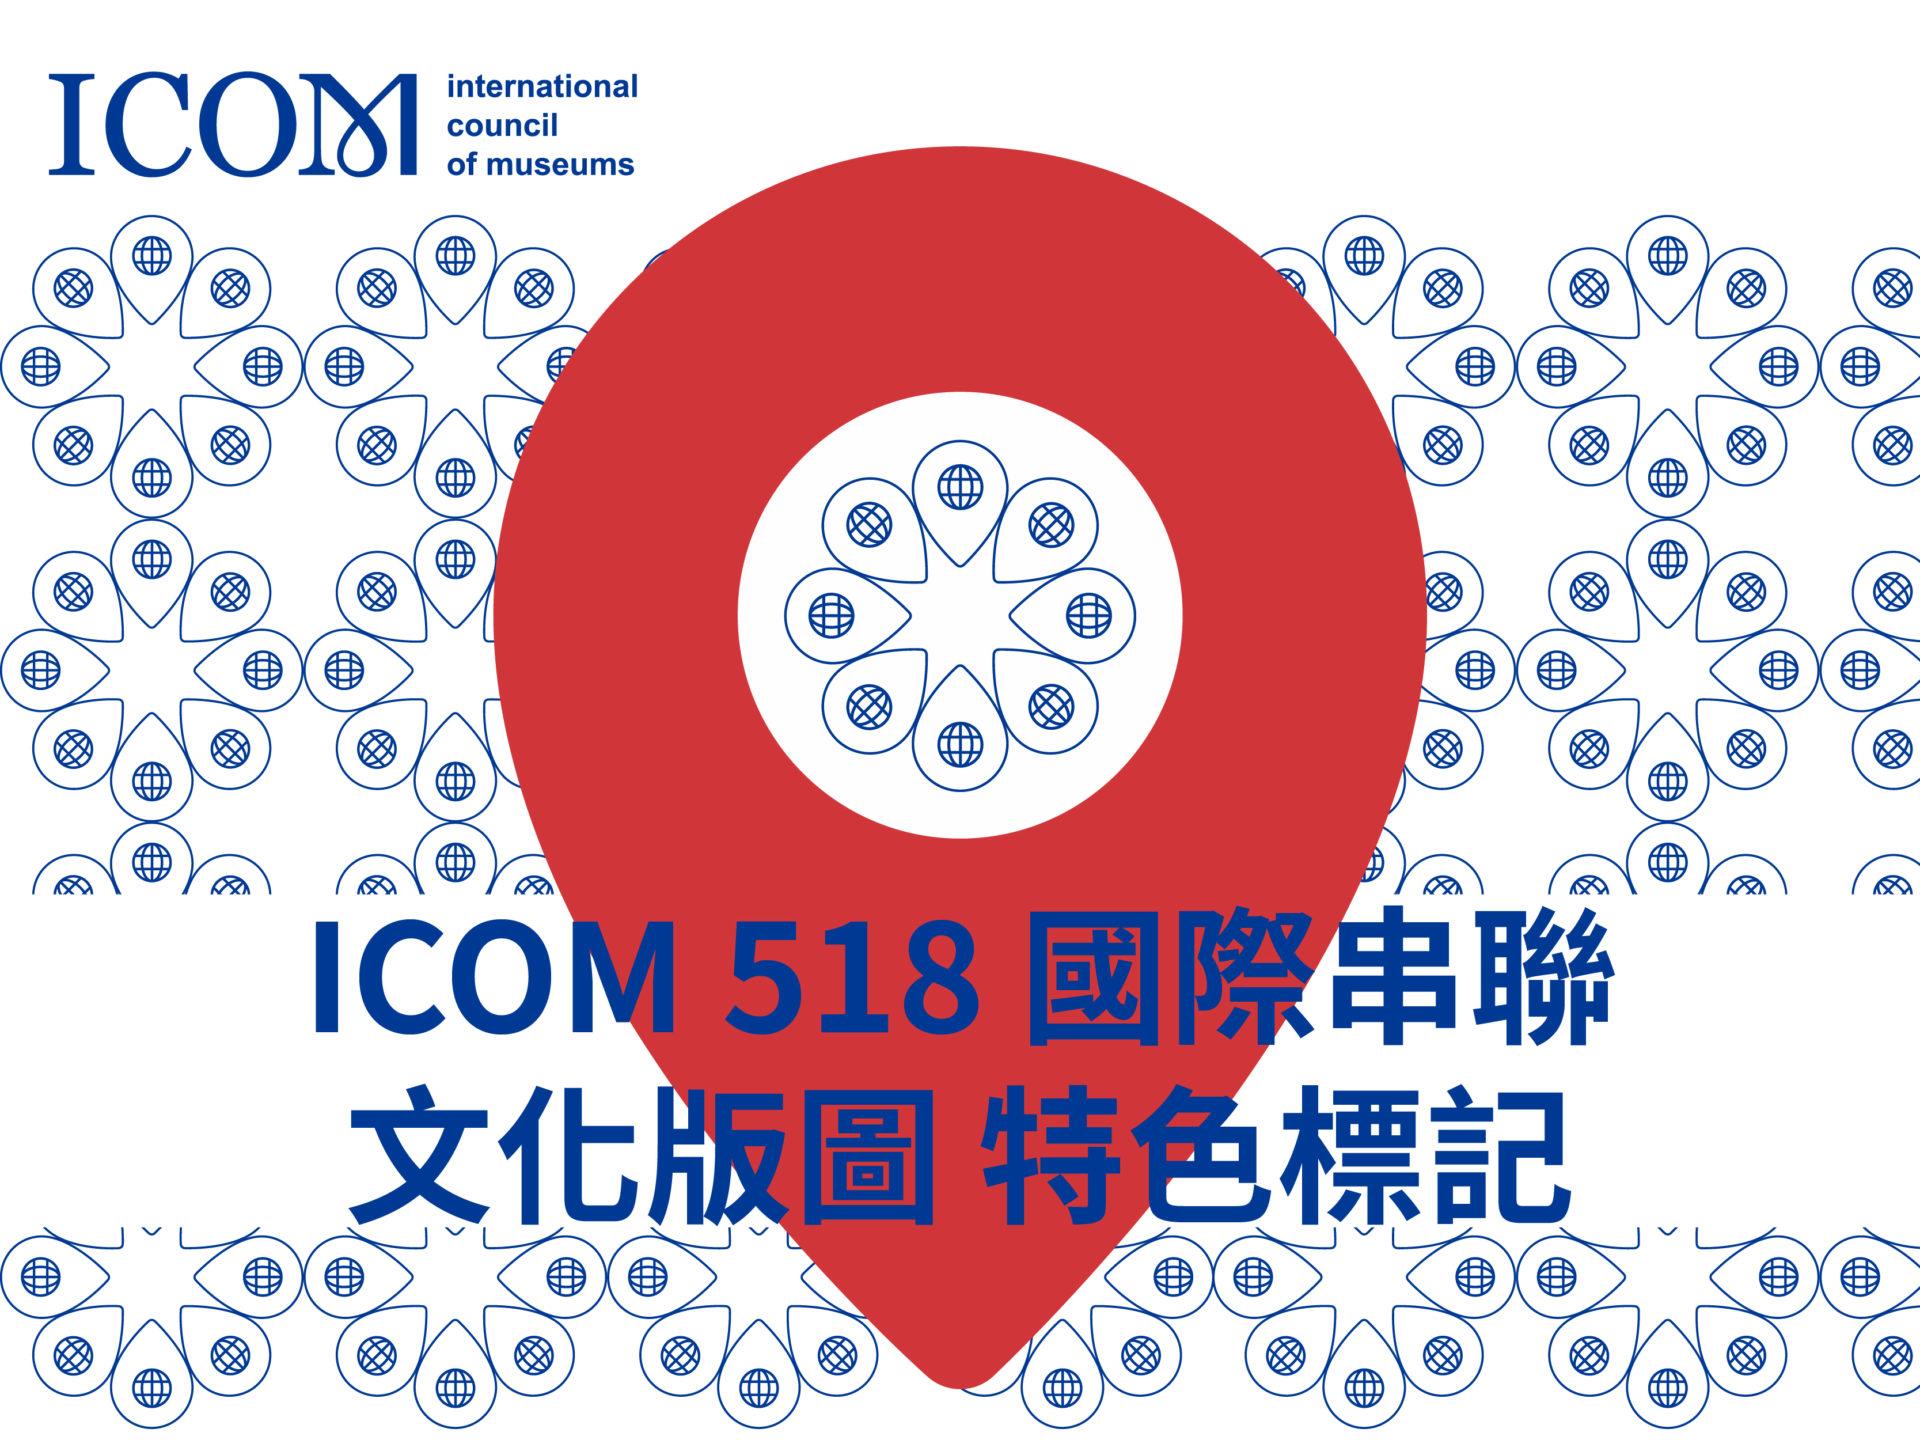 【中華民國博物館學會】ICOM 518 國際串聯 文化版圖 特色標記